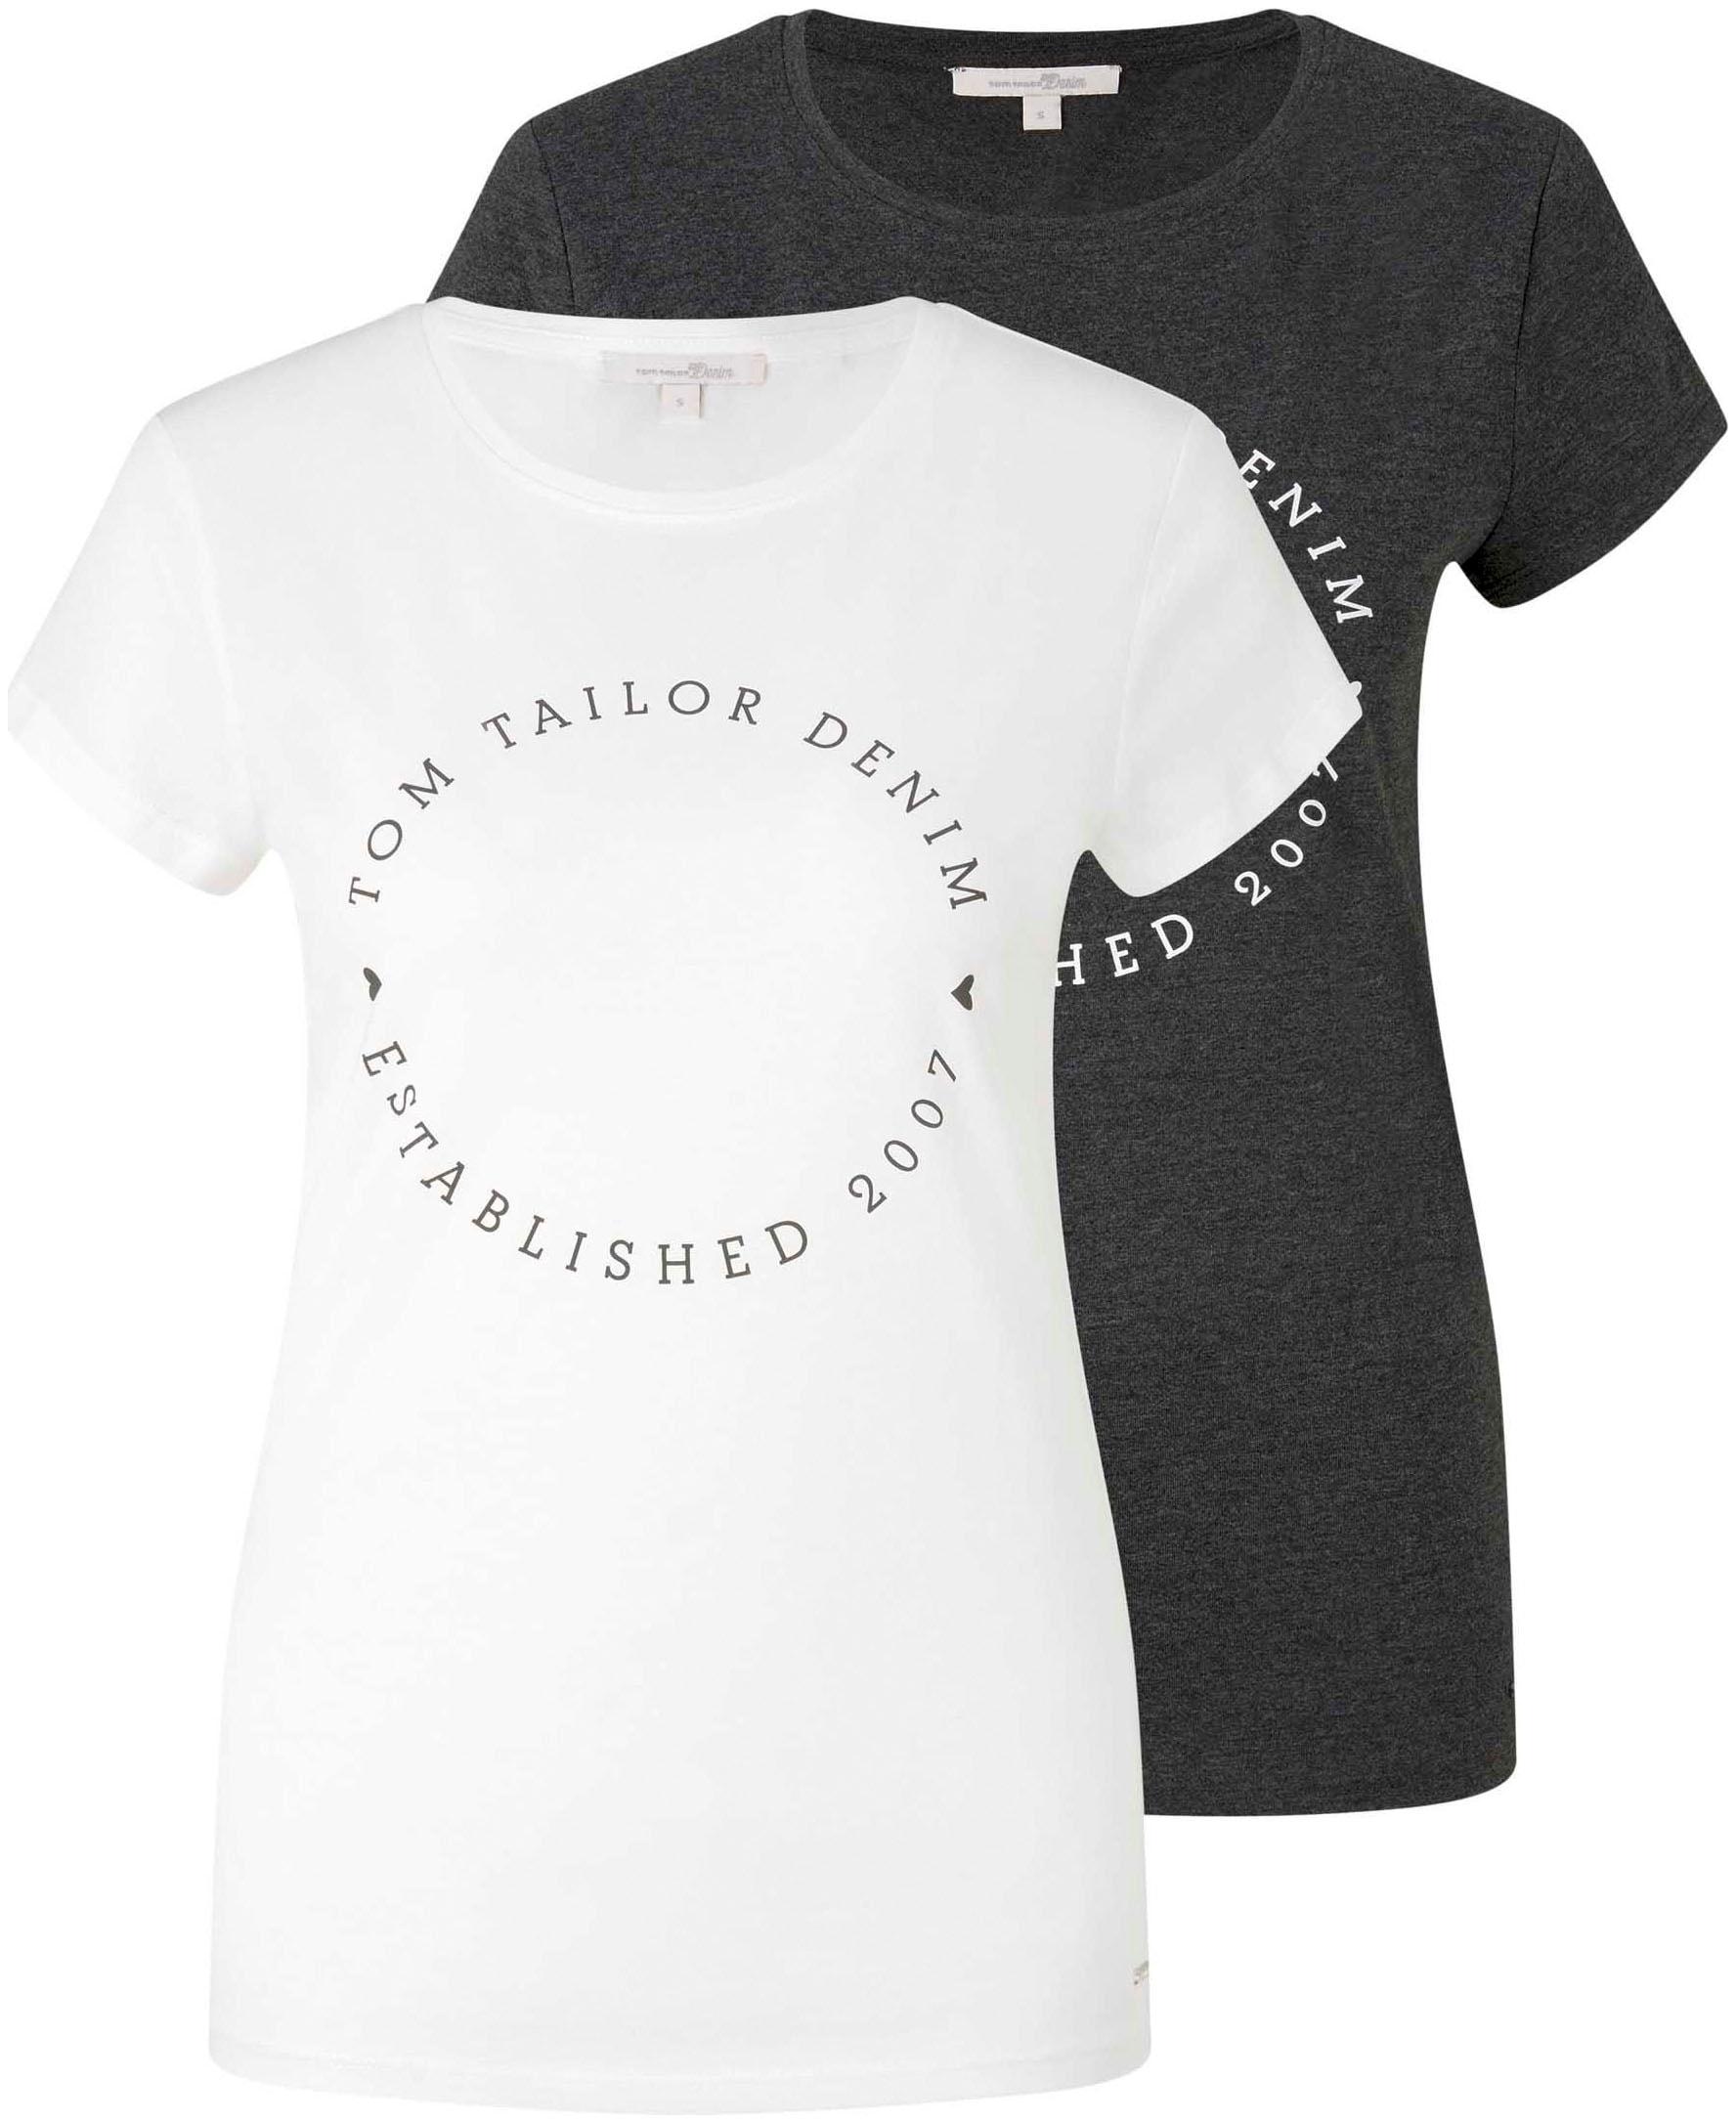 tom tailor denim -  T-Shirt, mit Logo Aufdruck